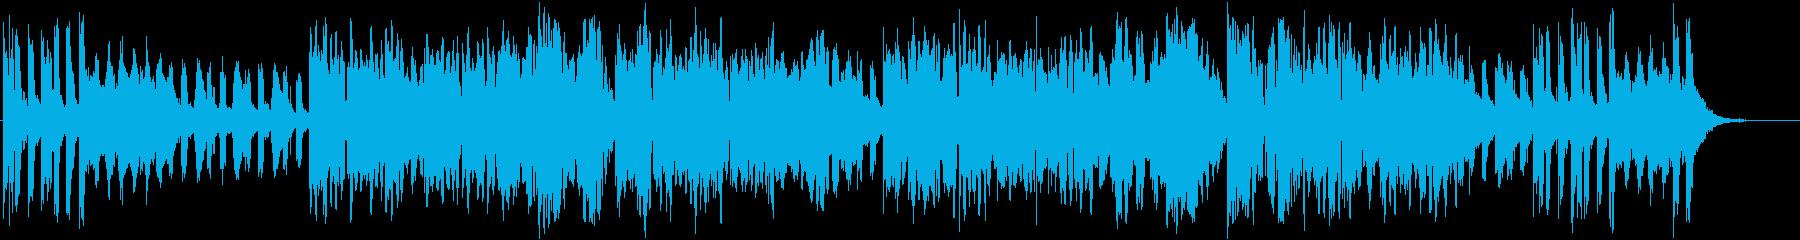 メリーゴーラウンド風ワルツBGM♪の再生済みの波形